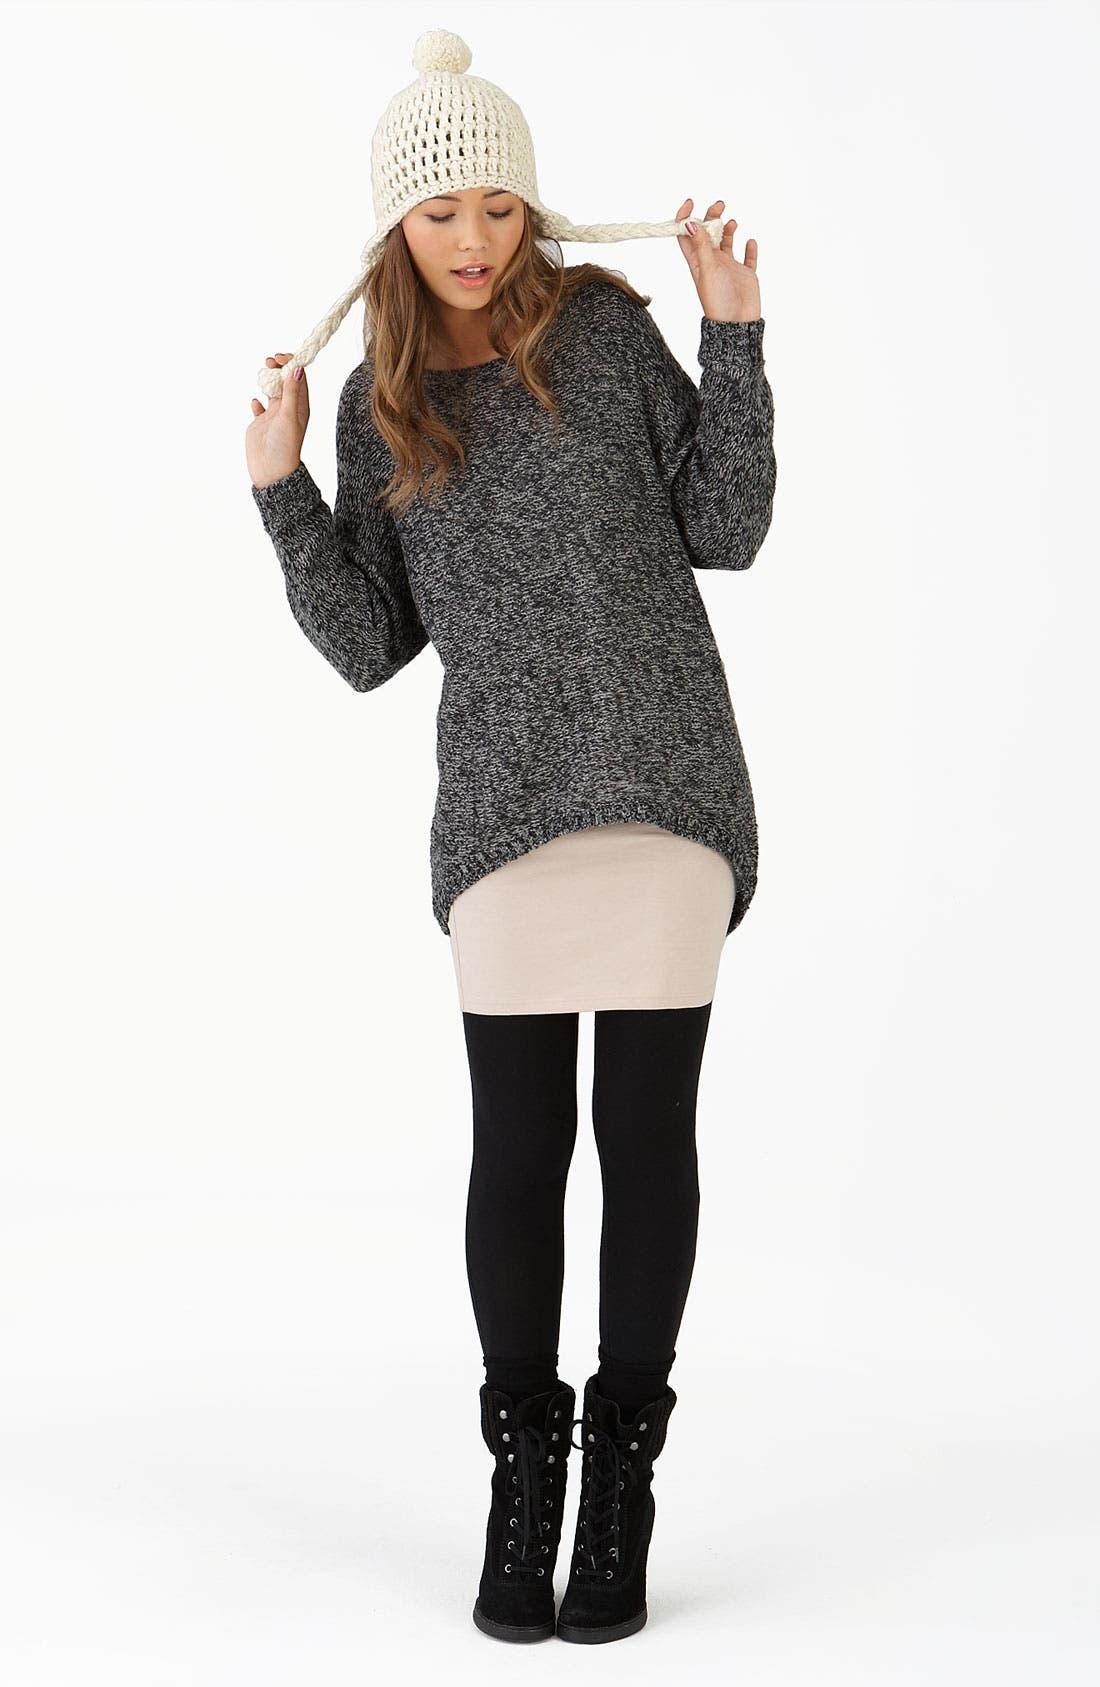 Main Image - Rubbish® Tunic, BP. Dress & Leggings